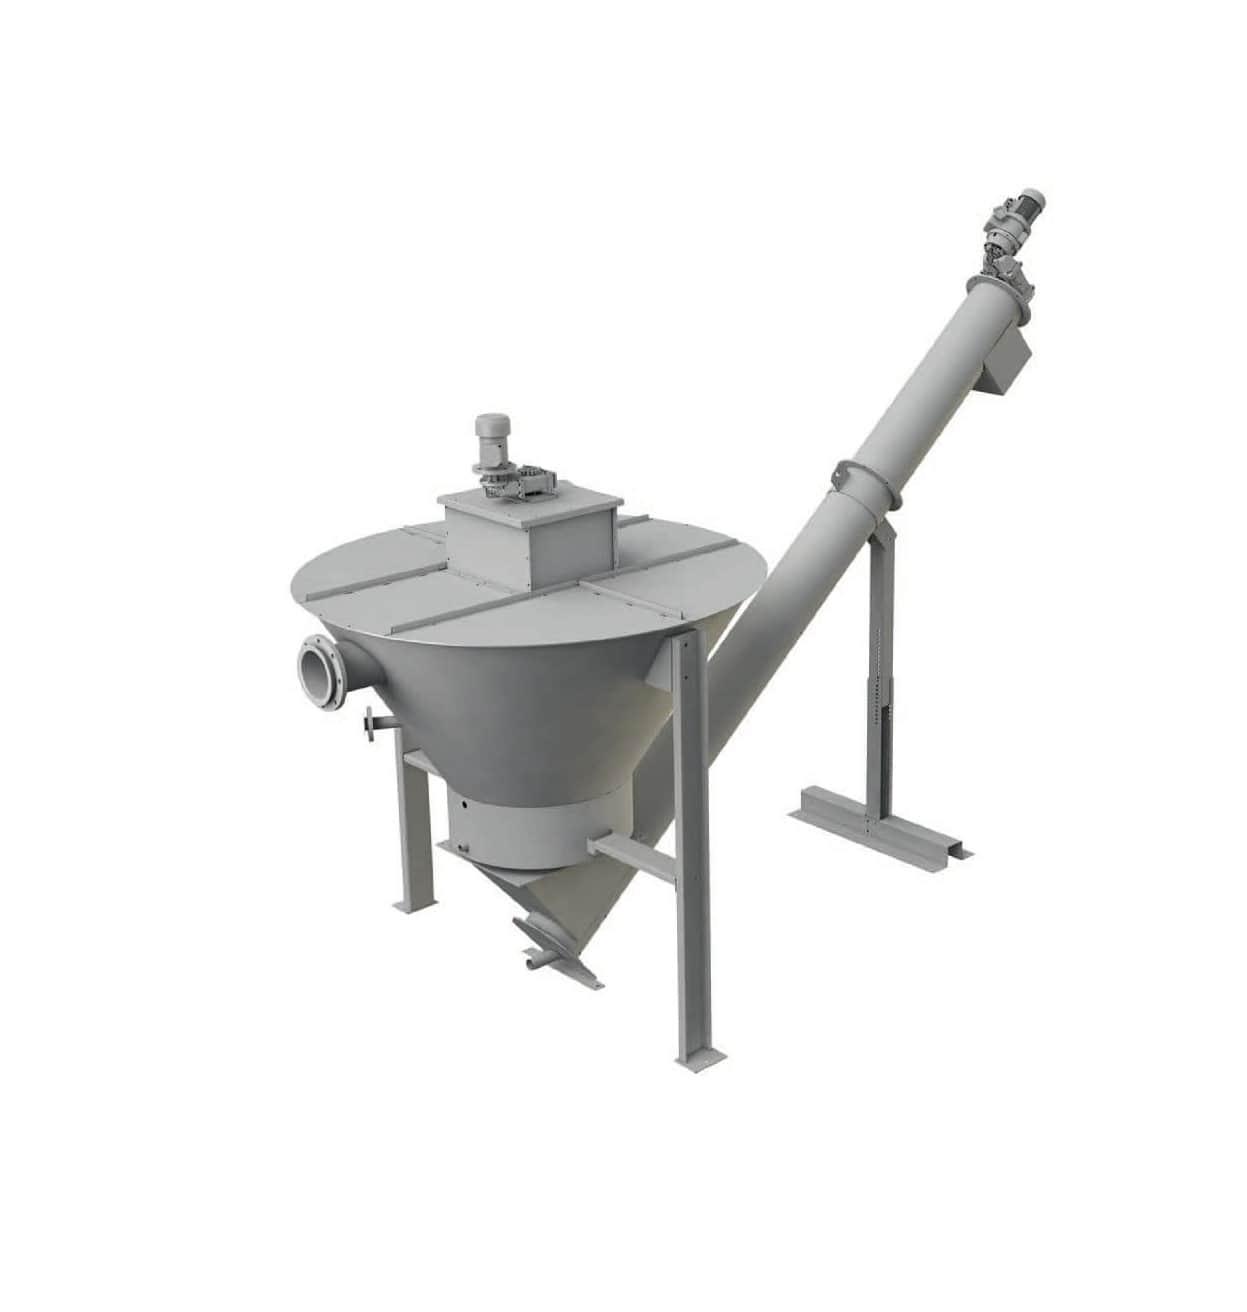 EQUIP GRIT est utilisé pour la séparation et le nettoyage des sables des eaux usées. Cet équipement est constitué d'une trémie de décantation conique munie d'un système d'agitation qui donne aux eaux usées sableuses un mouvement de rotation. Cette rotation facilite le processus de sédimentation tout en maintenant en suspension les matières organiques. Le fond de la trémie est alimenté en eau propre et crée un contre-courant qui pousse les matières organiques afin d'être évacuée par un tuyau placé sur la partie supérieure de la trémie.Les sables lavés sont soutirés du fond de la trémie par un convoyeur à vis sans fin pendant que le volume d'eau est maintenu en mouvement par l'agitateur central.